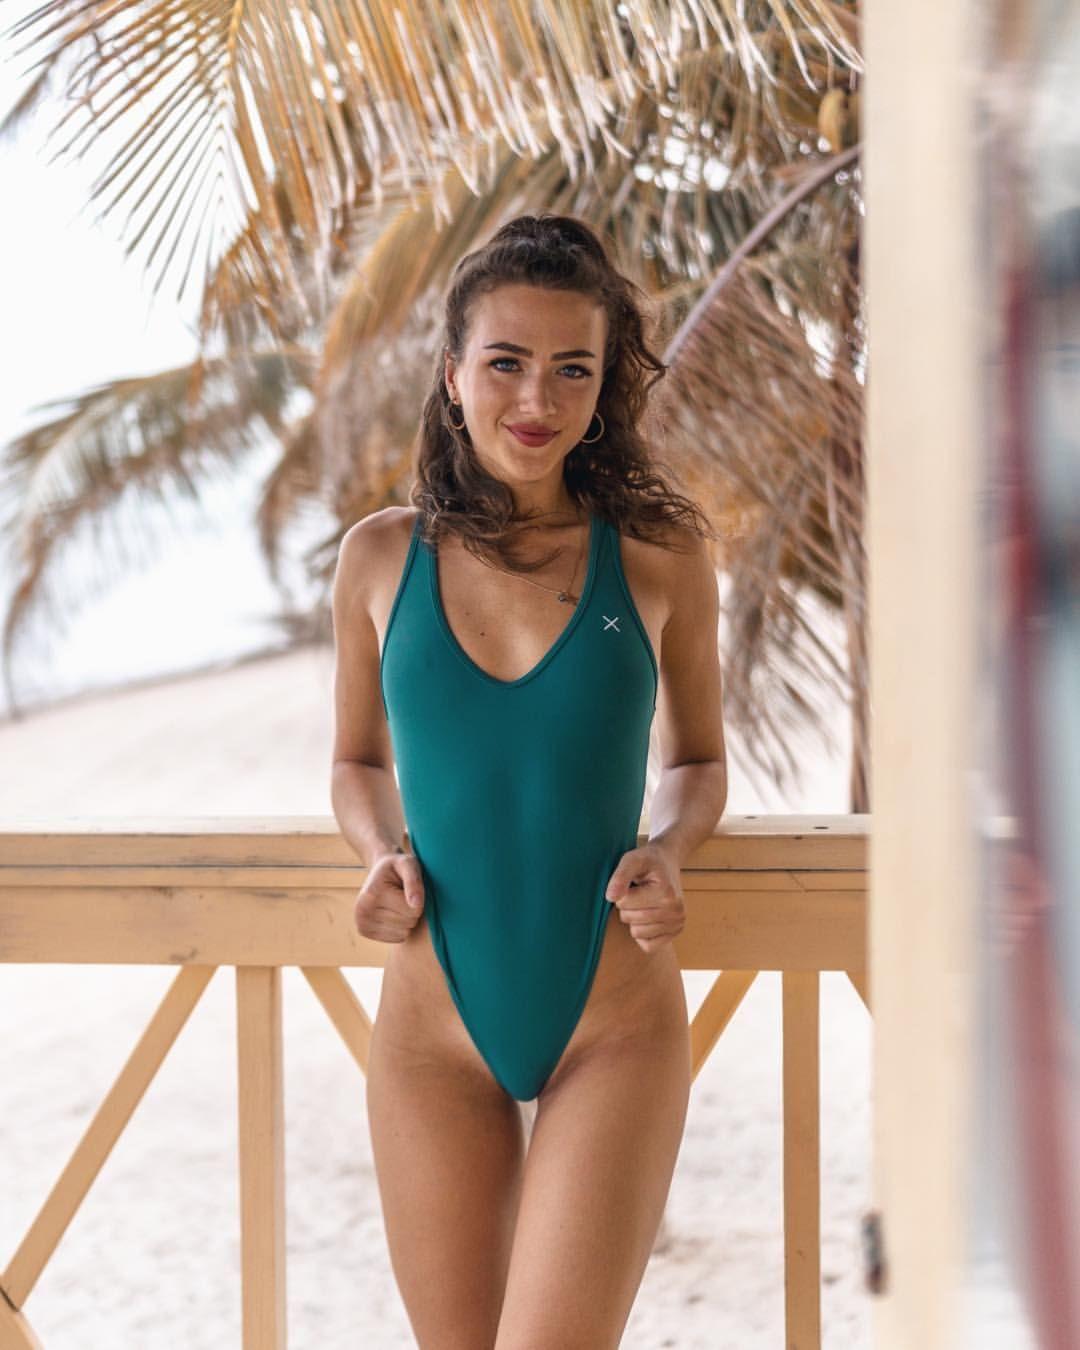 Bikini Evgeniya Podberezkina nude (58 photos), Ass, Sideboobs, Instagram, in bikini 2006